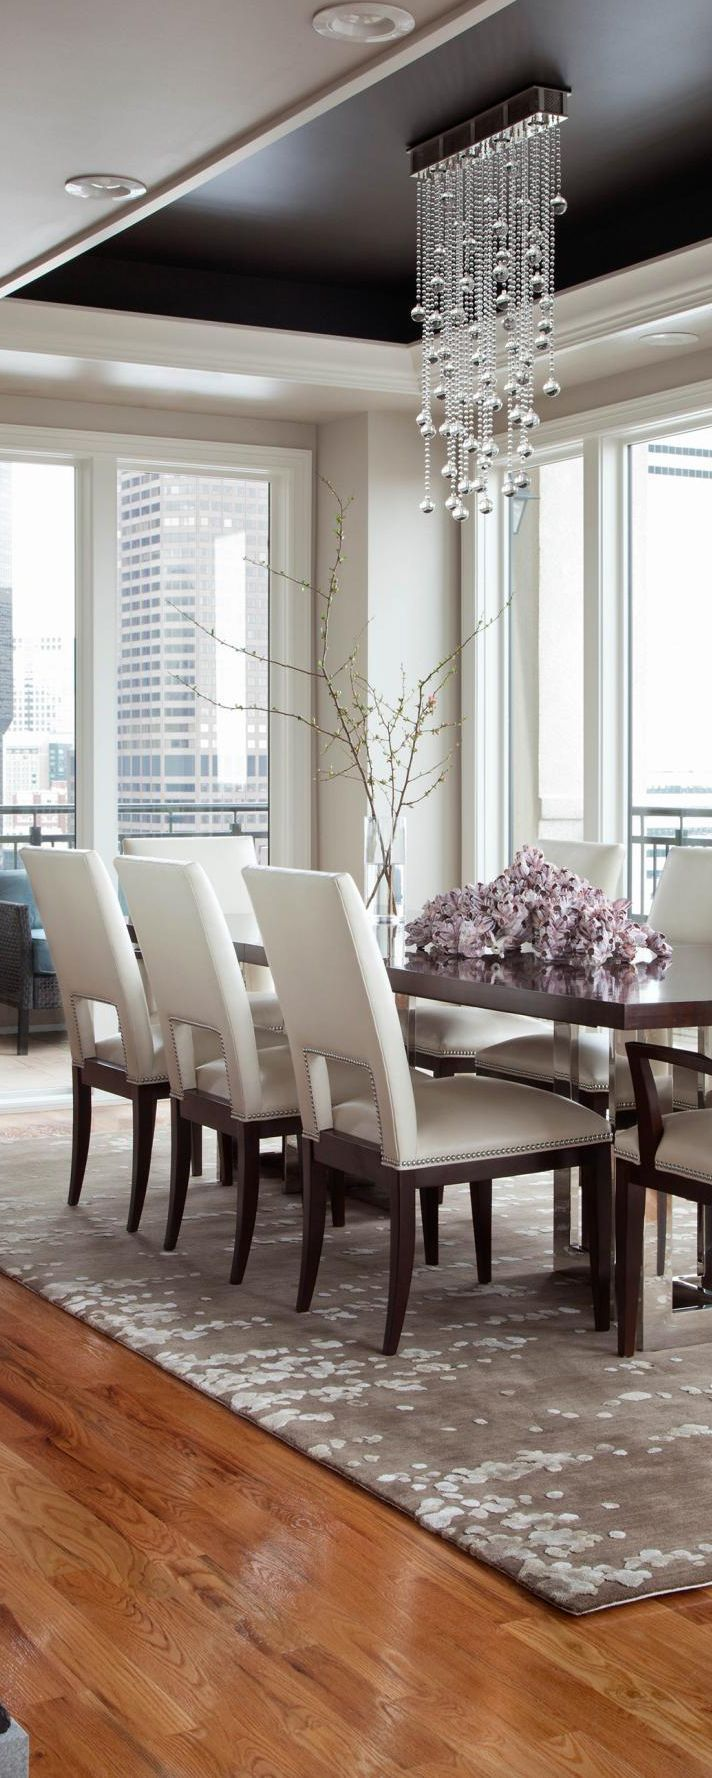 nice Une salle à manger luxueuse | design d'intérieur, décoration, salle à manger... by http://www.top-100-home-decorpics.us/dining-room-decorating/une-salle-a-manger-luxueuse-design-dinterieur-decoration-salle-a-manger/